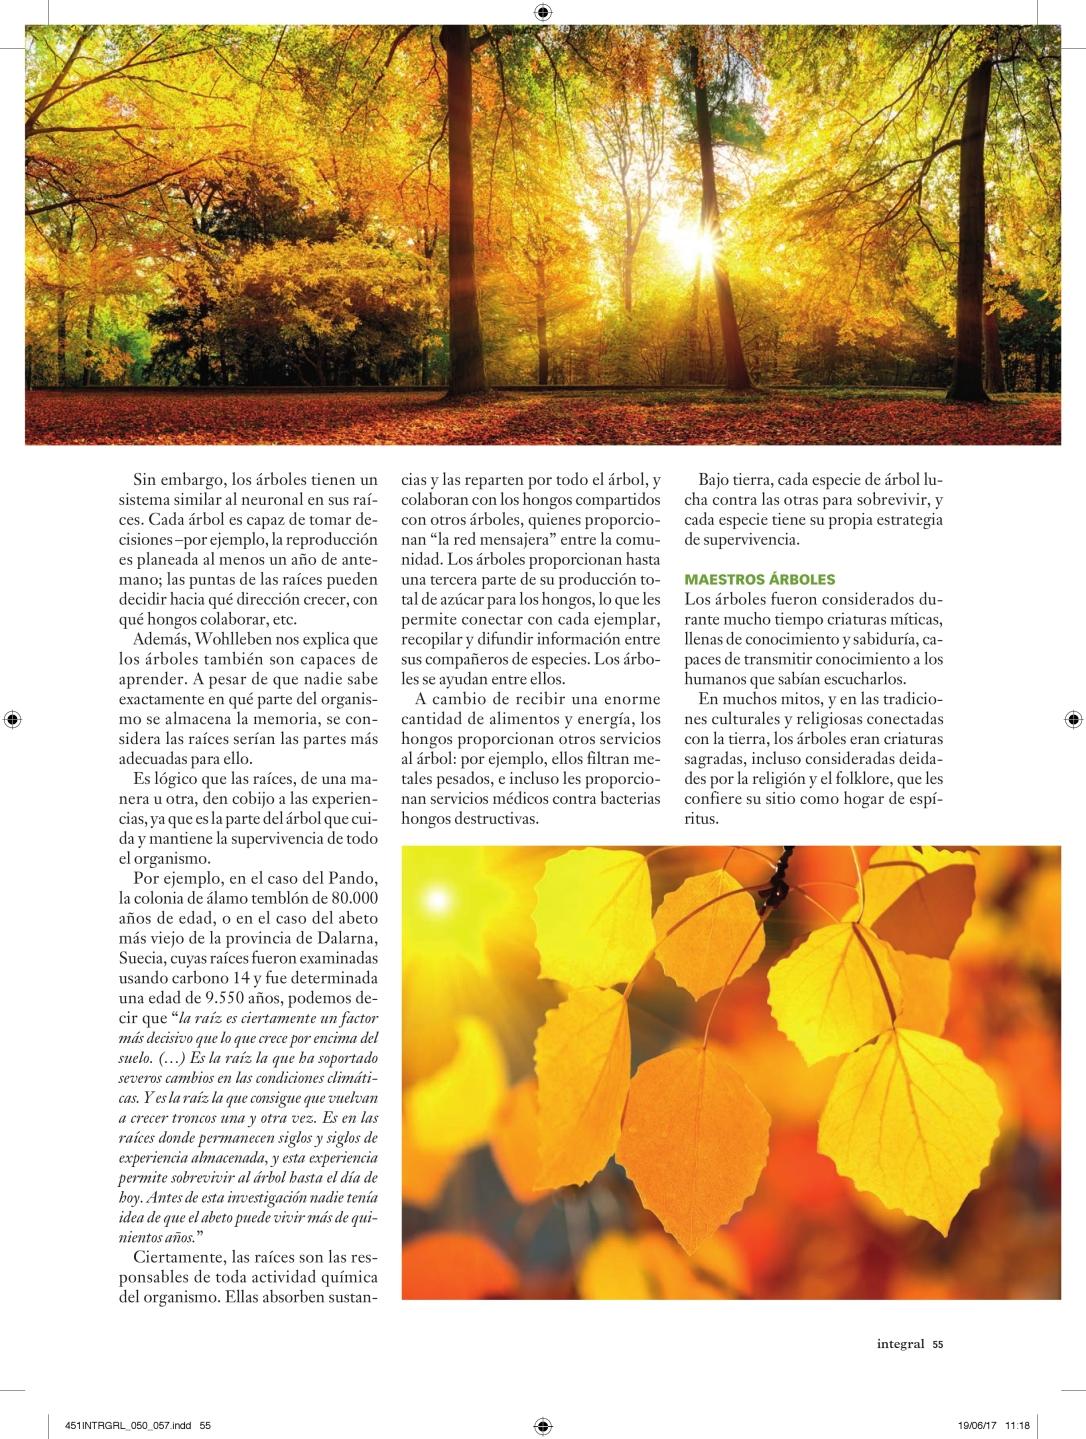 451INTRGRL_050_057_vida secreta de los árboles_000006